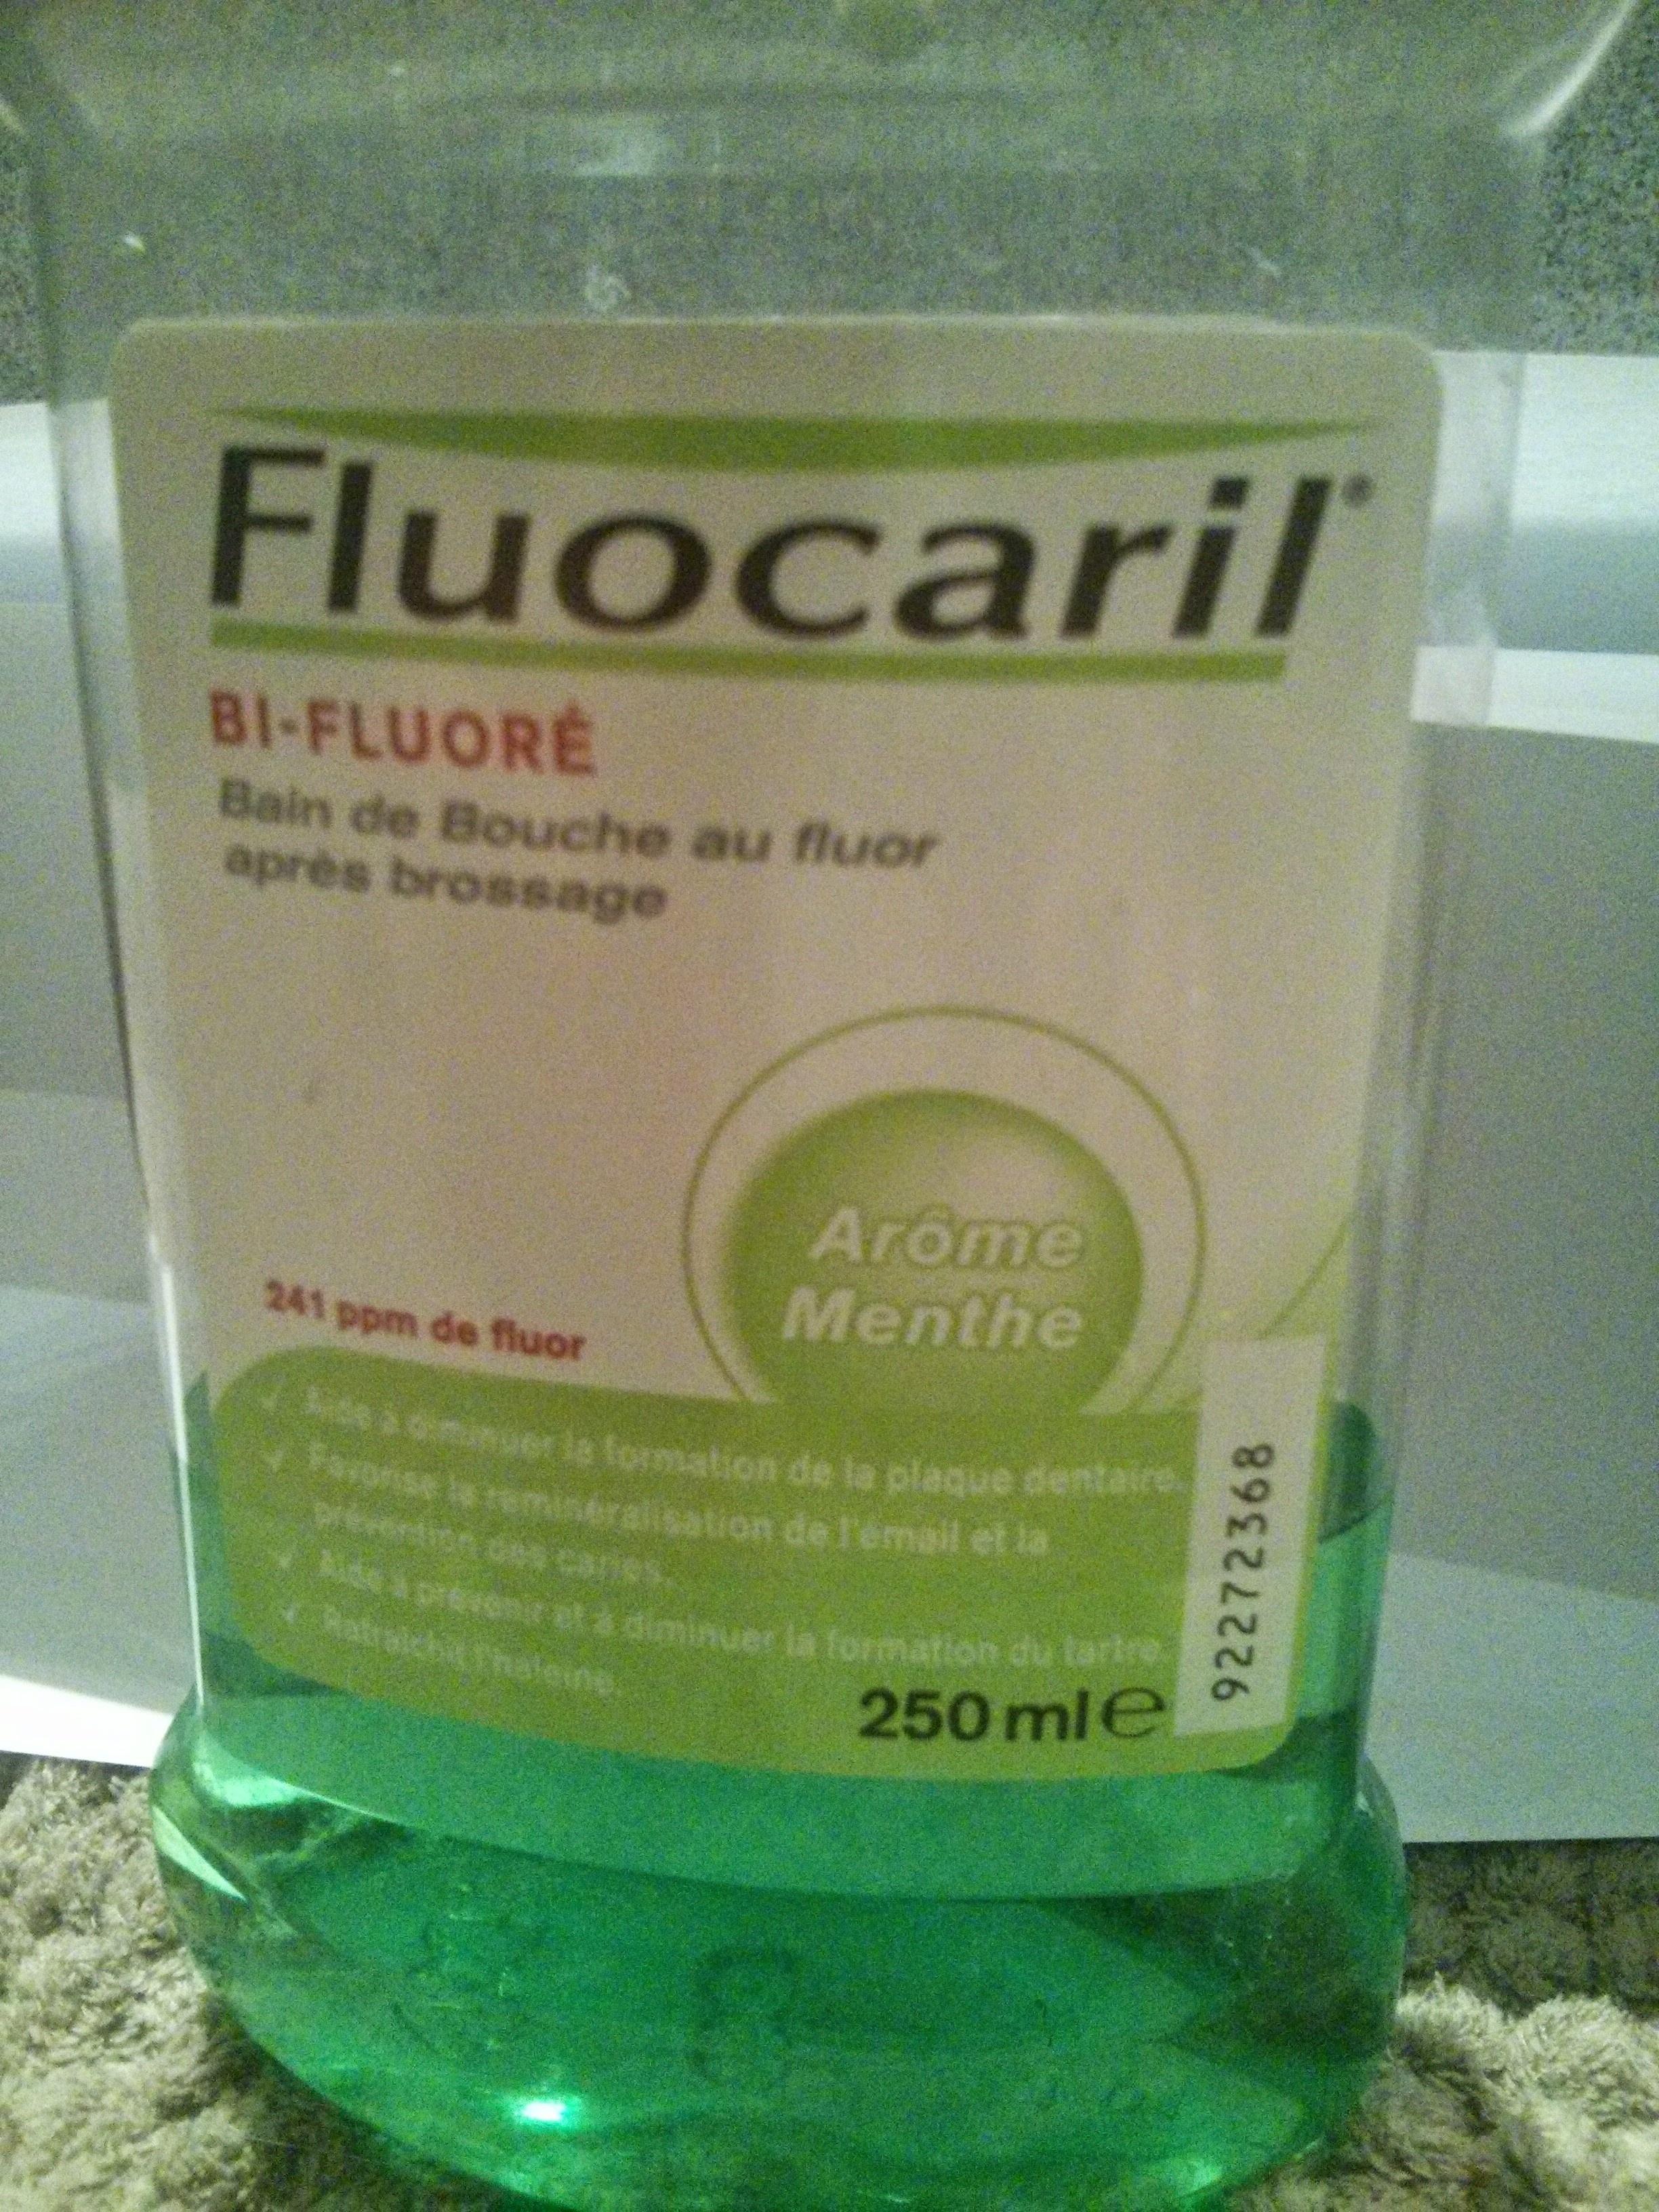 Bain de bouche au fluor après brossage - Product - fr